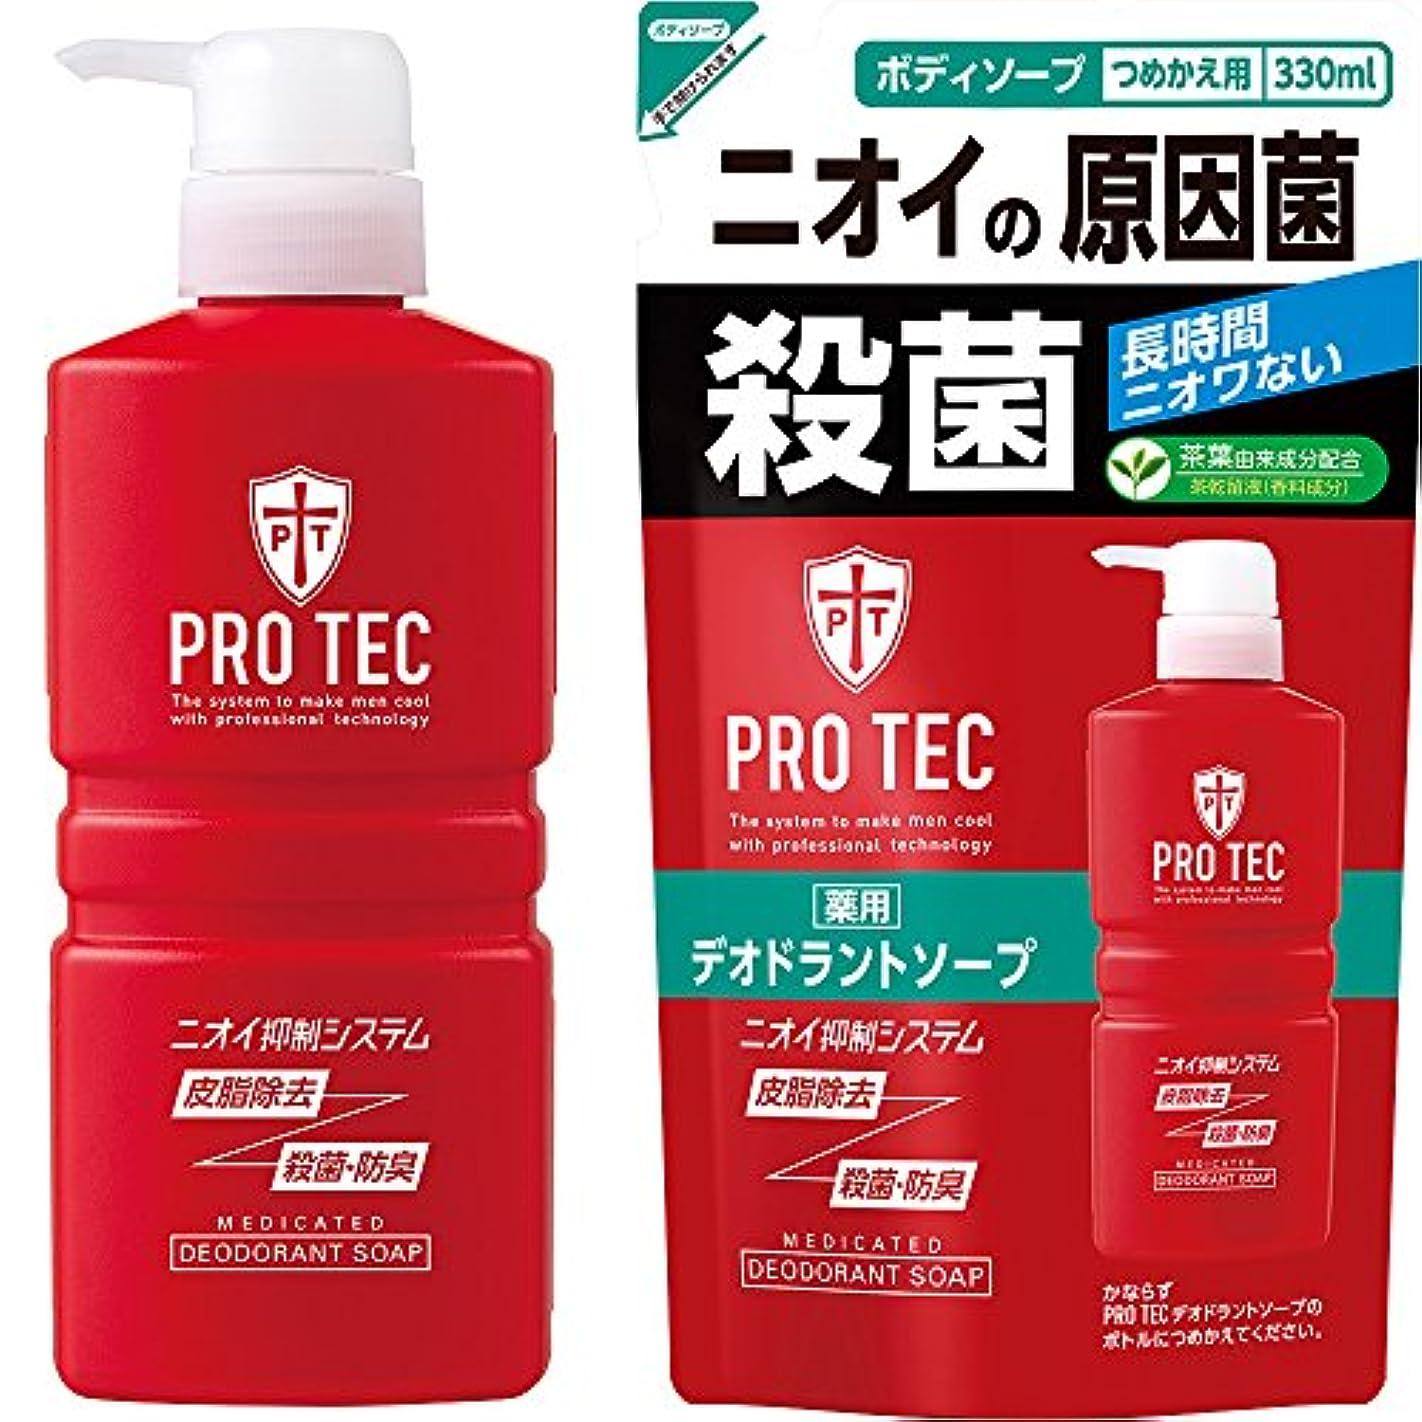 反抗可塑性予防接種PRO TEC(プロテク) デオドラントソープ ポンプ420ml+詰め替え330ml セット(医薬部外品)